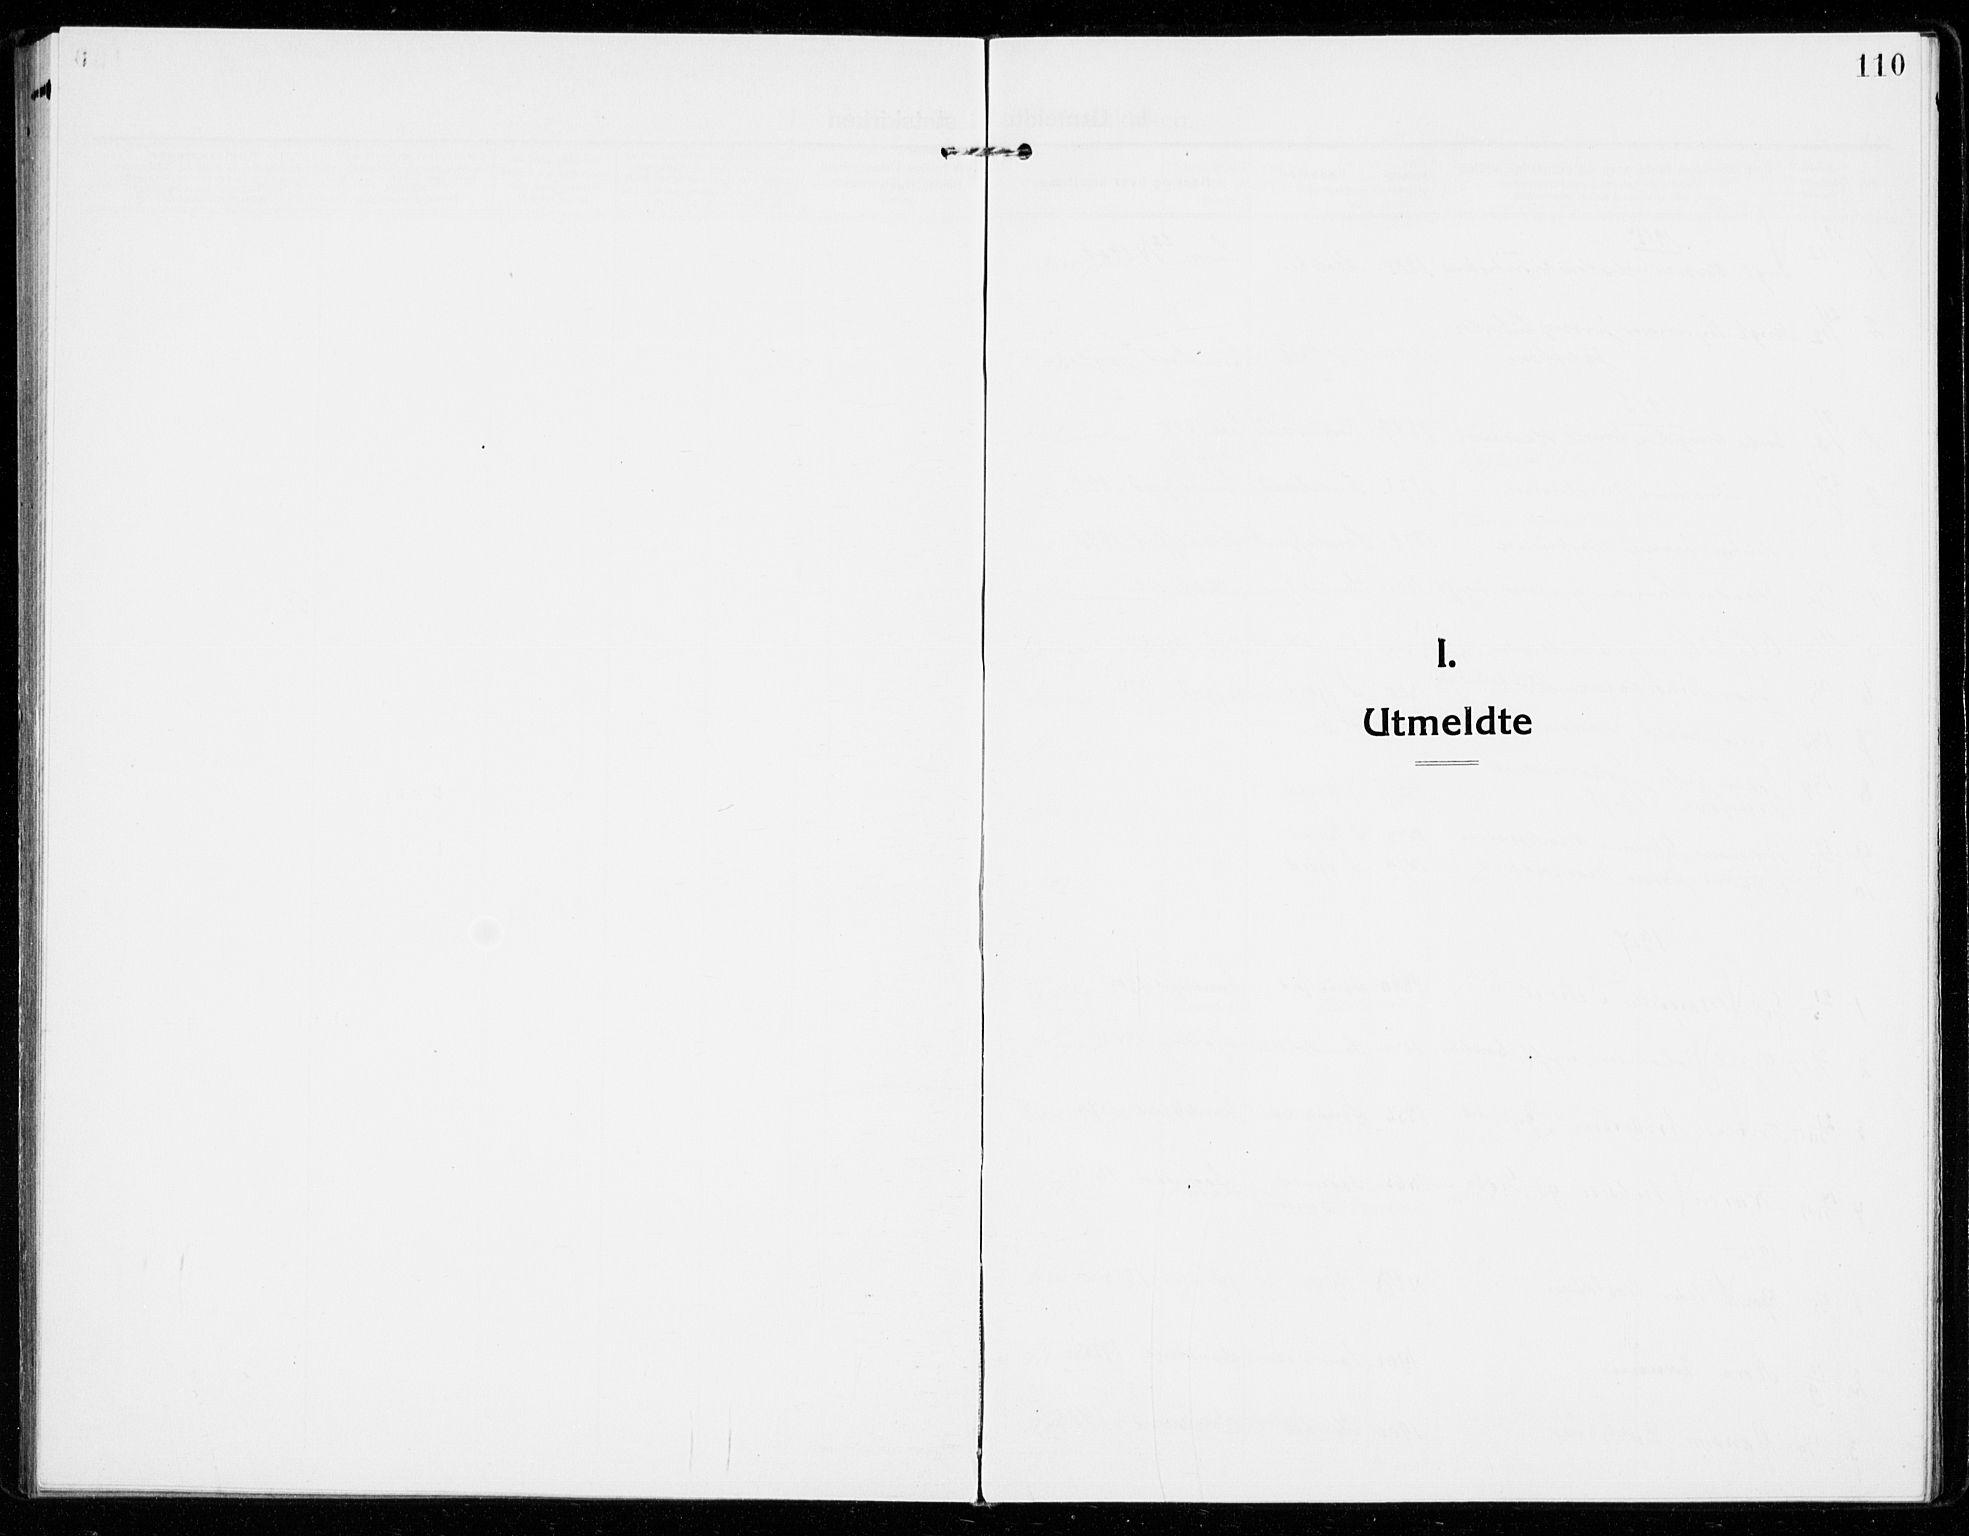 SAKO, Sandar kirkebøker, F/Fa/L0020: Ministerialbok nr. 20, 1915-1919, s. 110